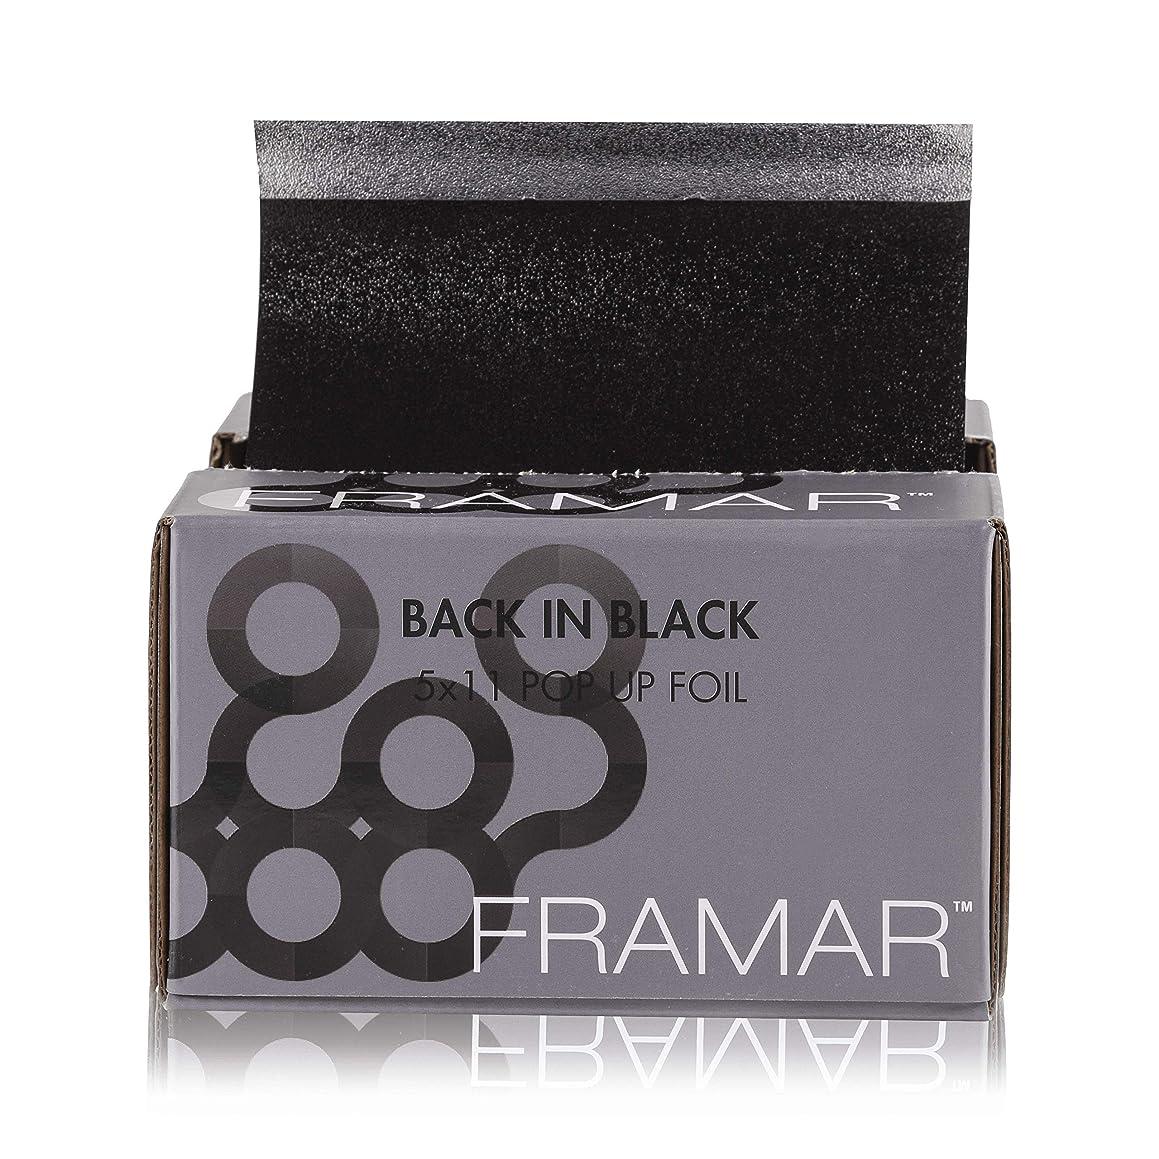 Framar Back In Black Pop Up Foil, Aluminum Foil Sheets, Foil paper - 500 Foil Sheets